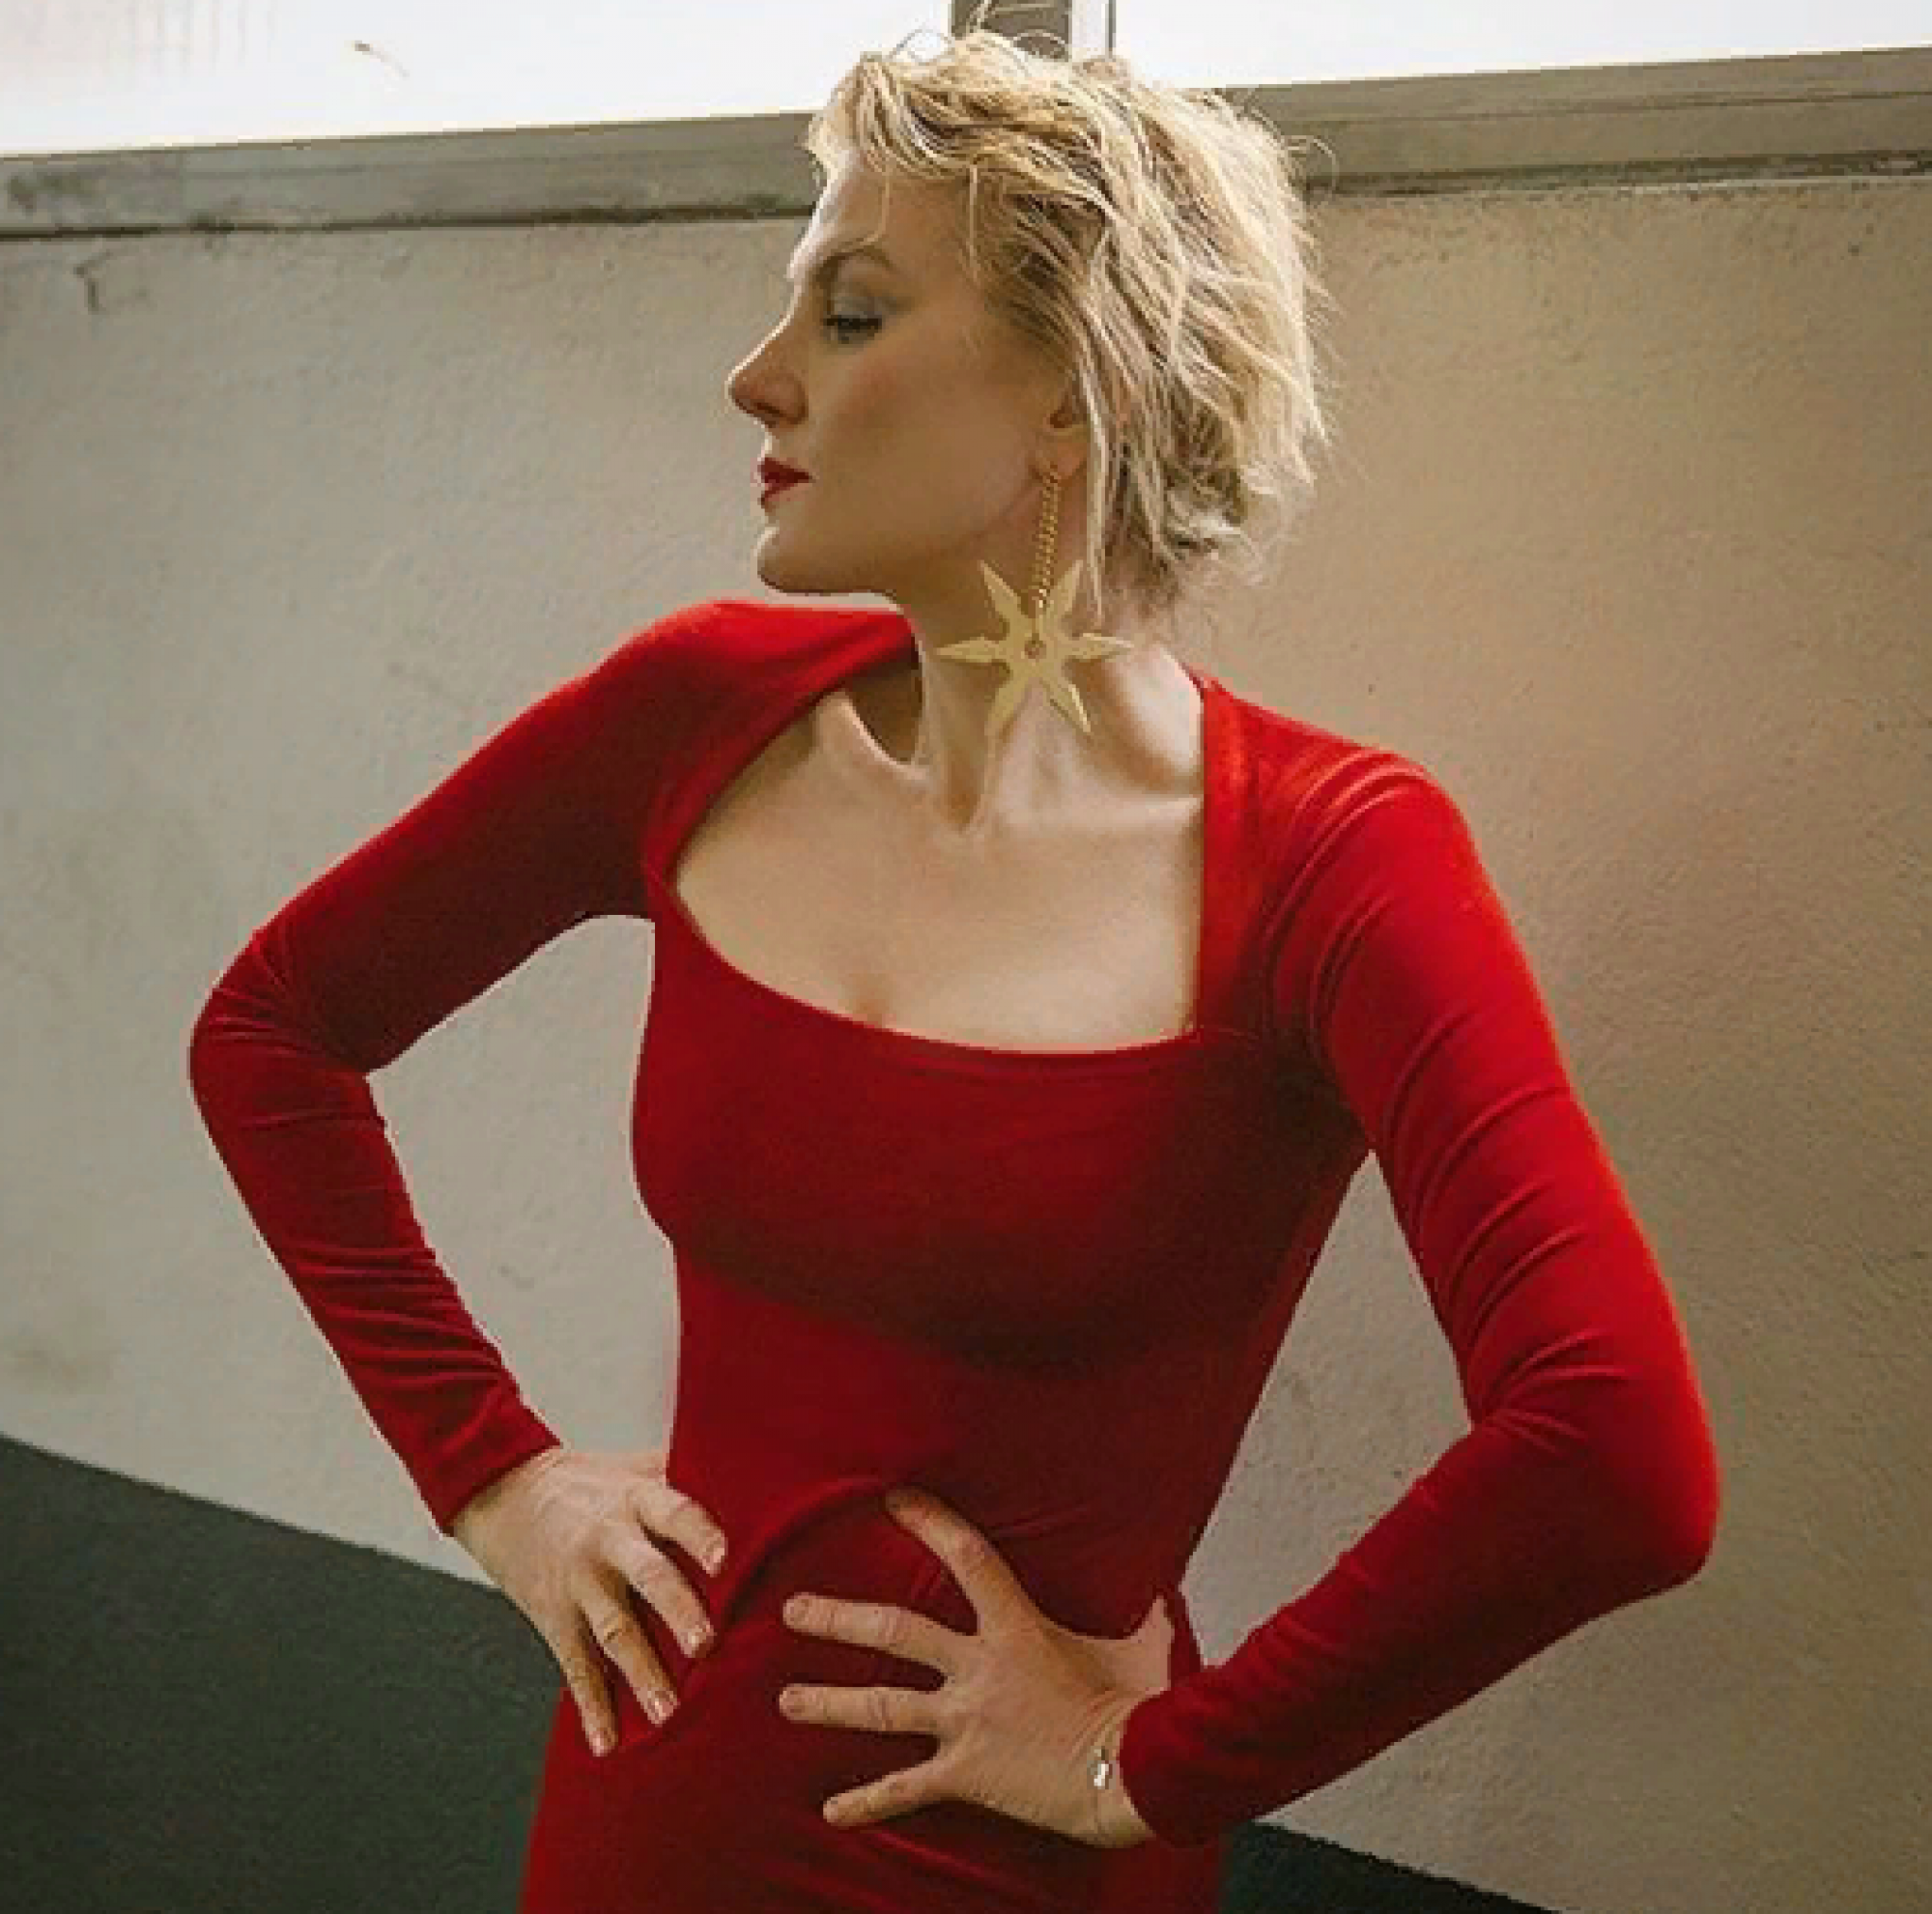 «Такое платье в ваши годы – перебор»: Ренату Литвинову осудили за откровенный наряд